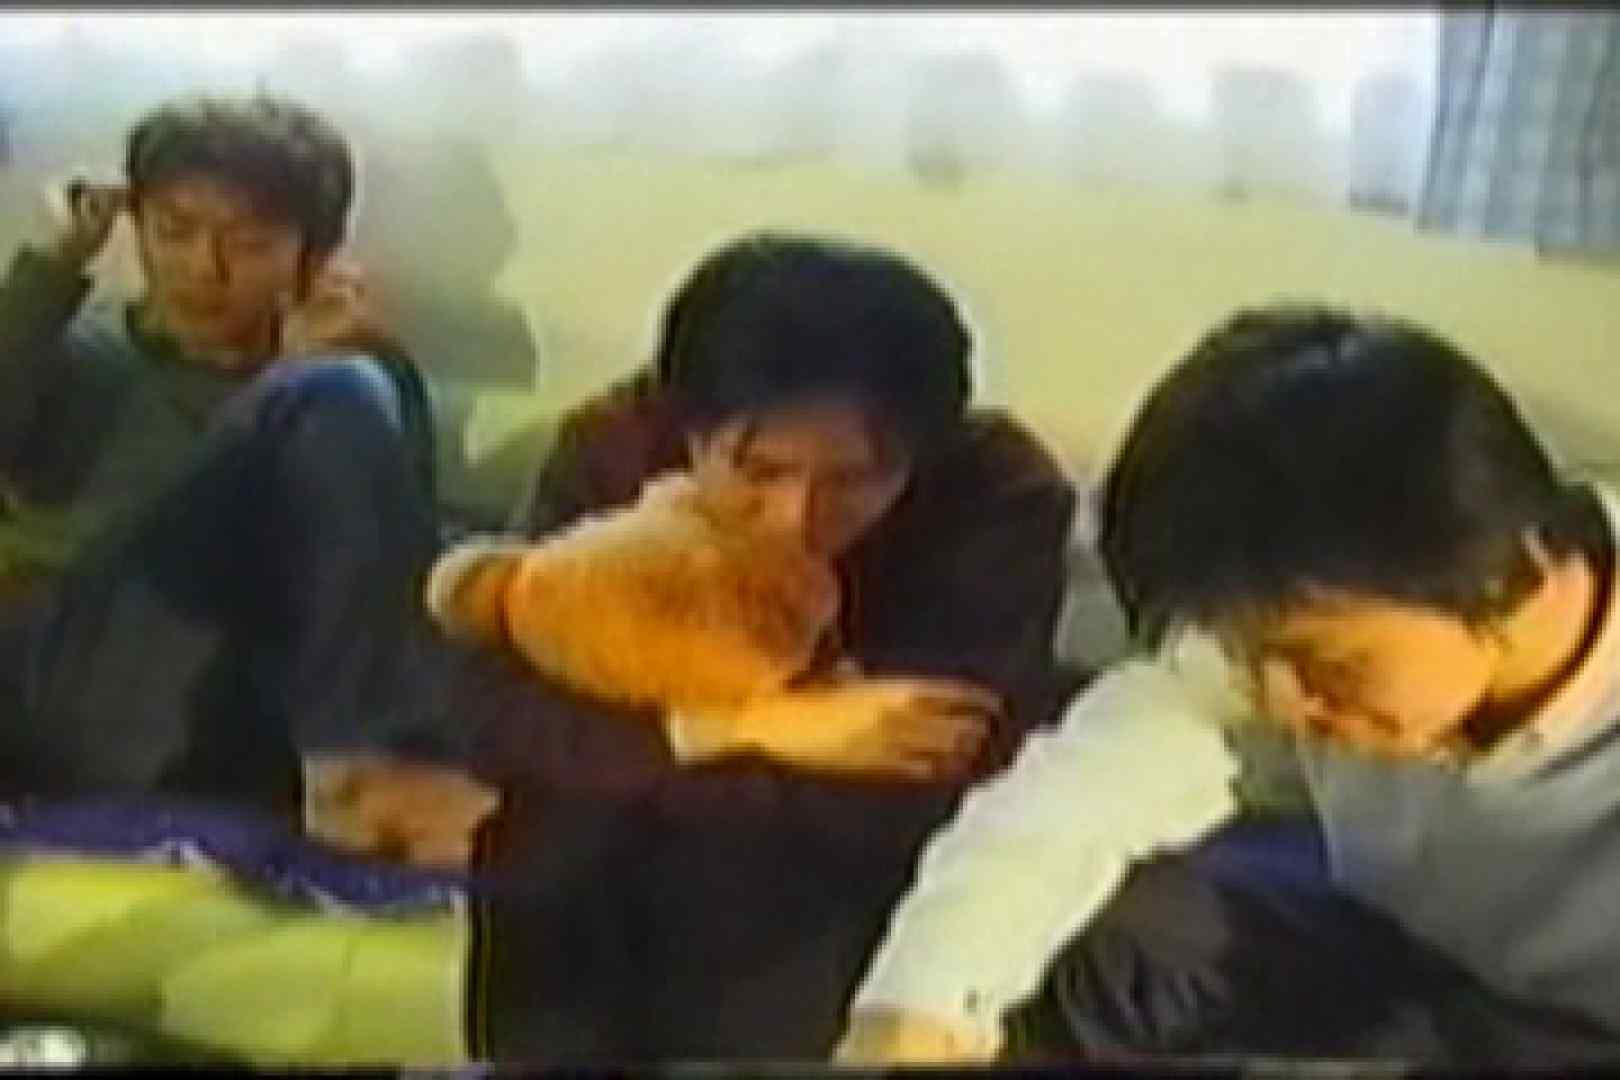 【流出】若者たちの集い 企画  85pic 80